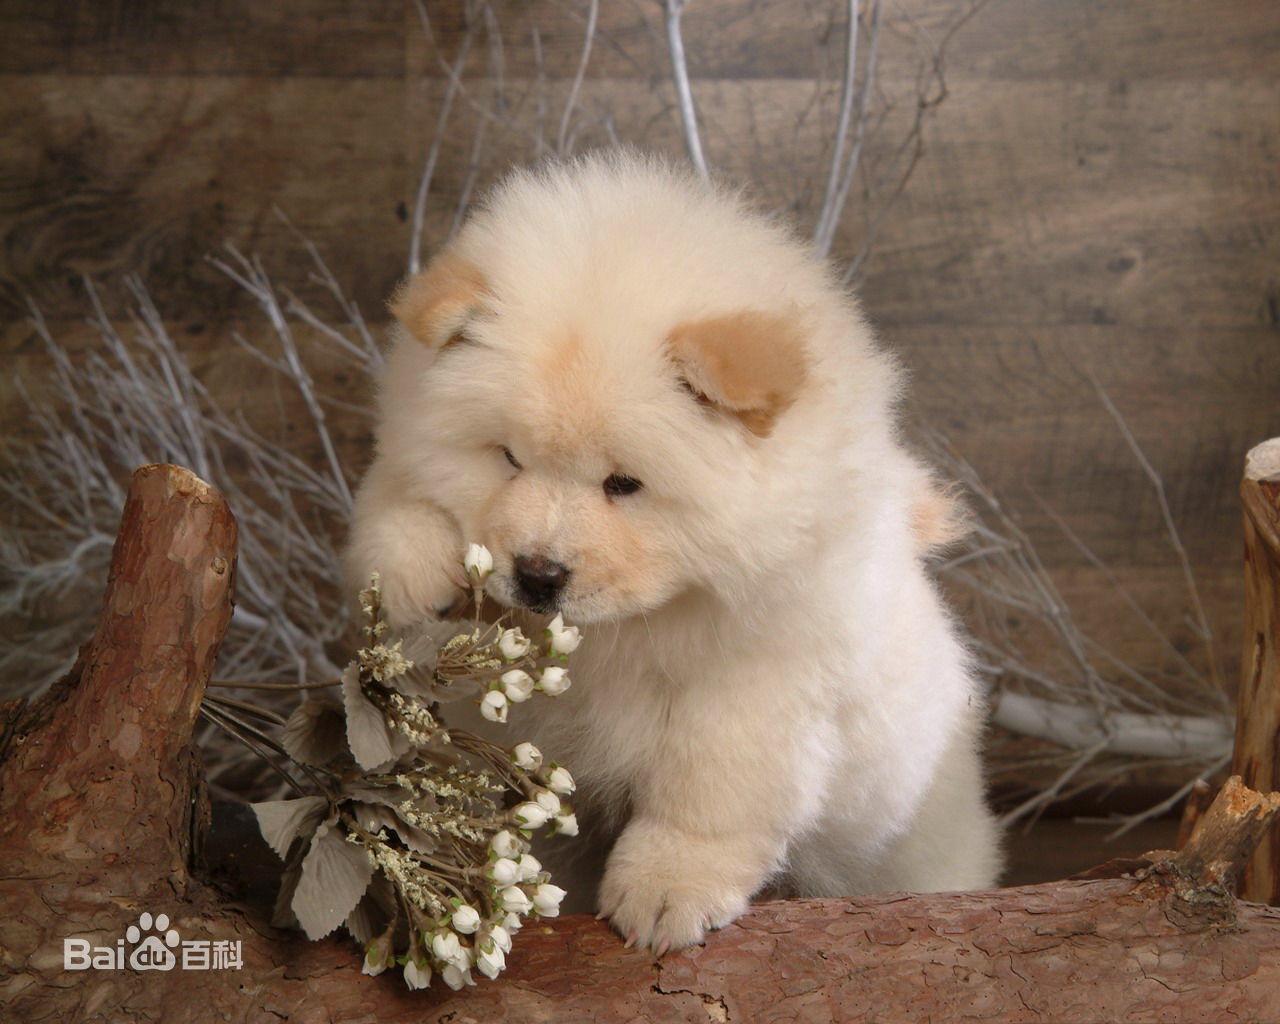 松狮犬怎么看纯种_这狗是纯种的松狮犬吗_百度知道